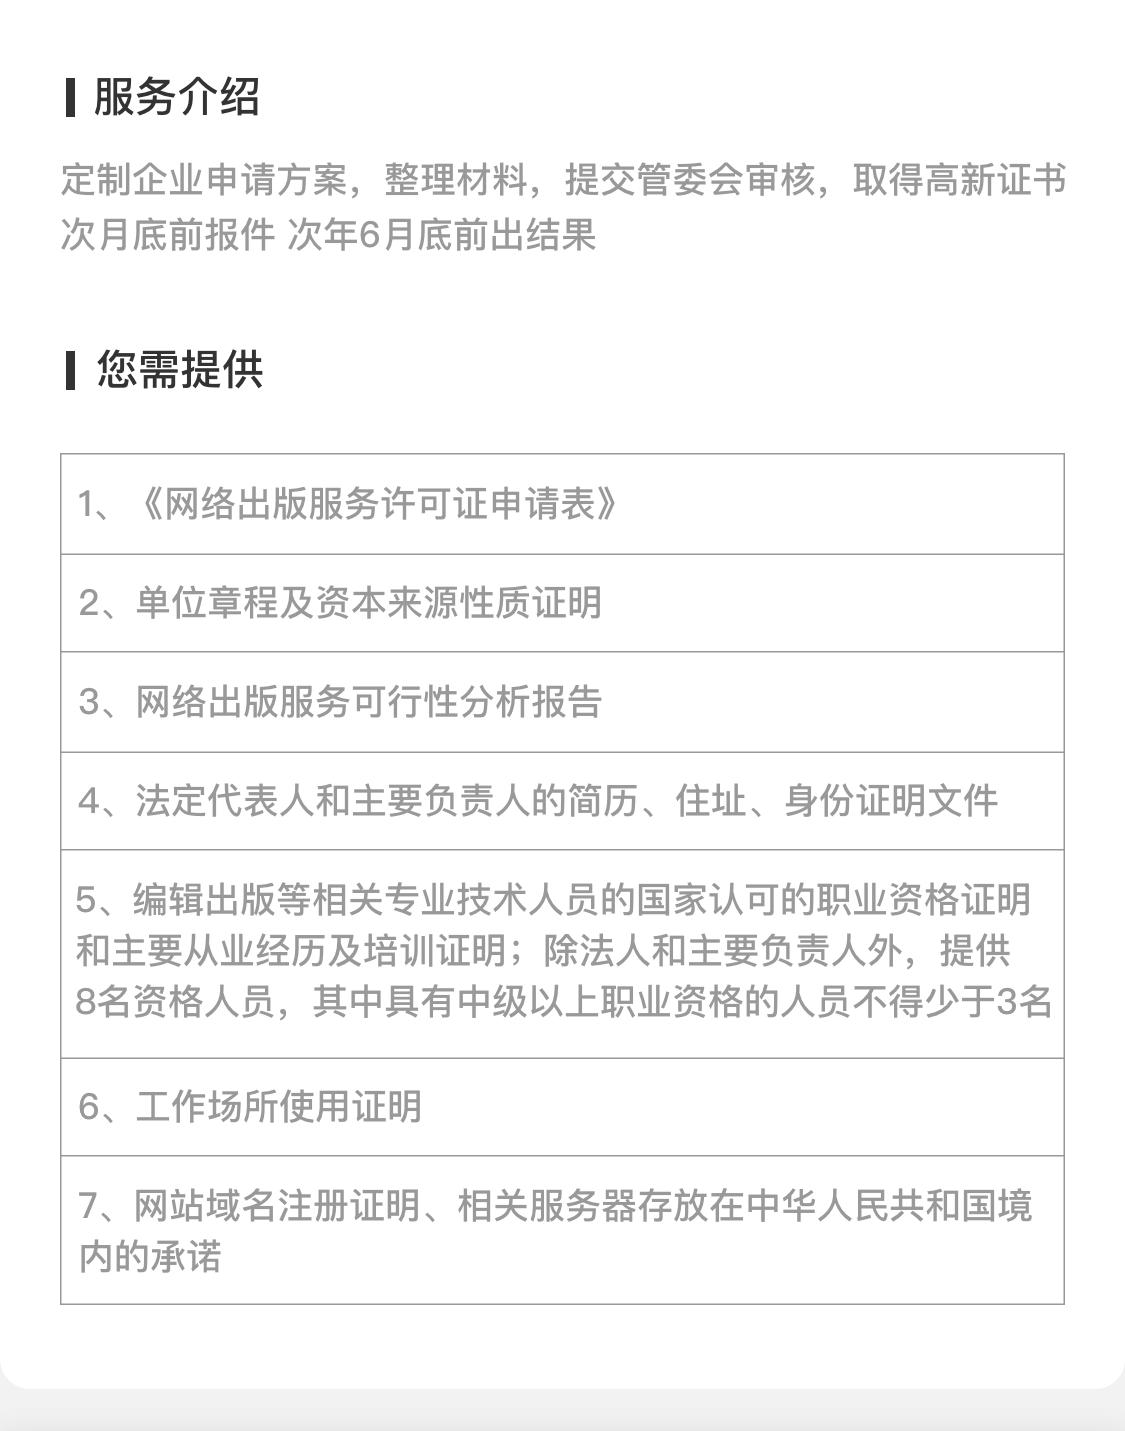 網絡文化經營許可證.png